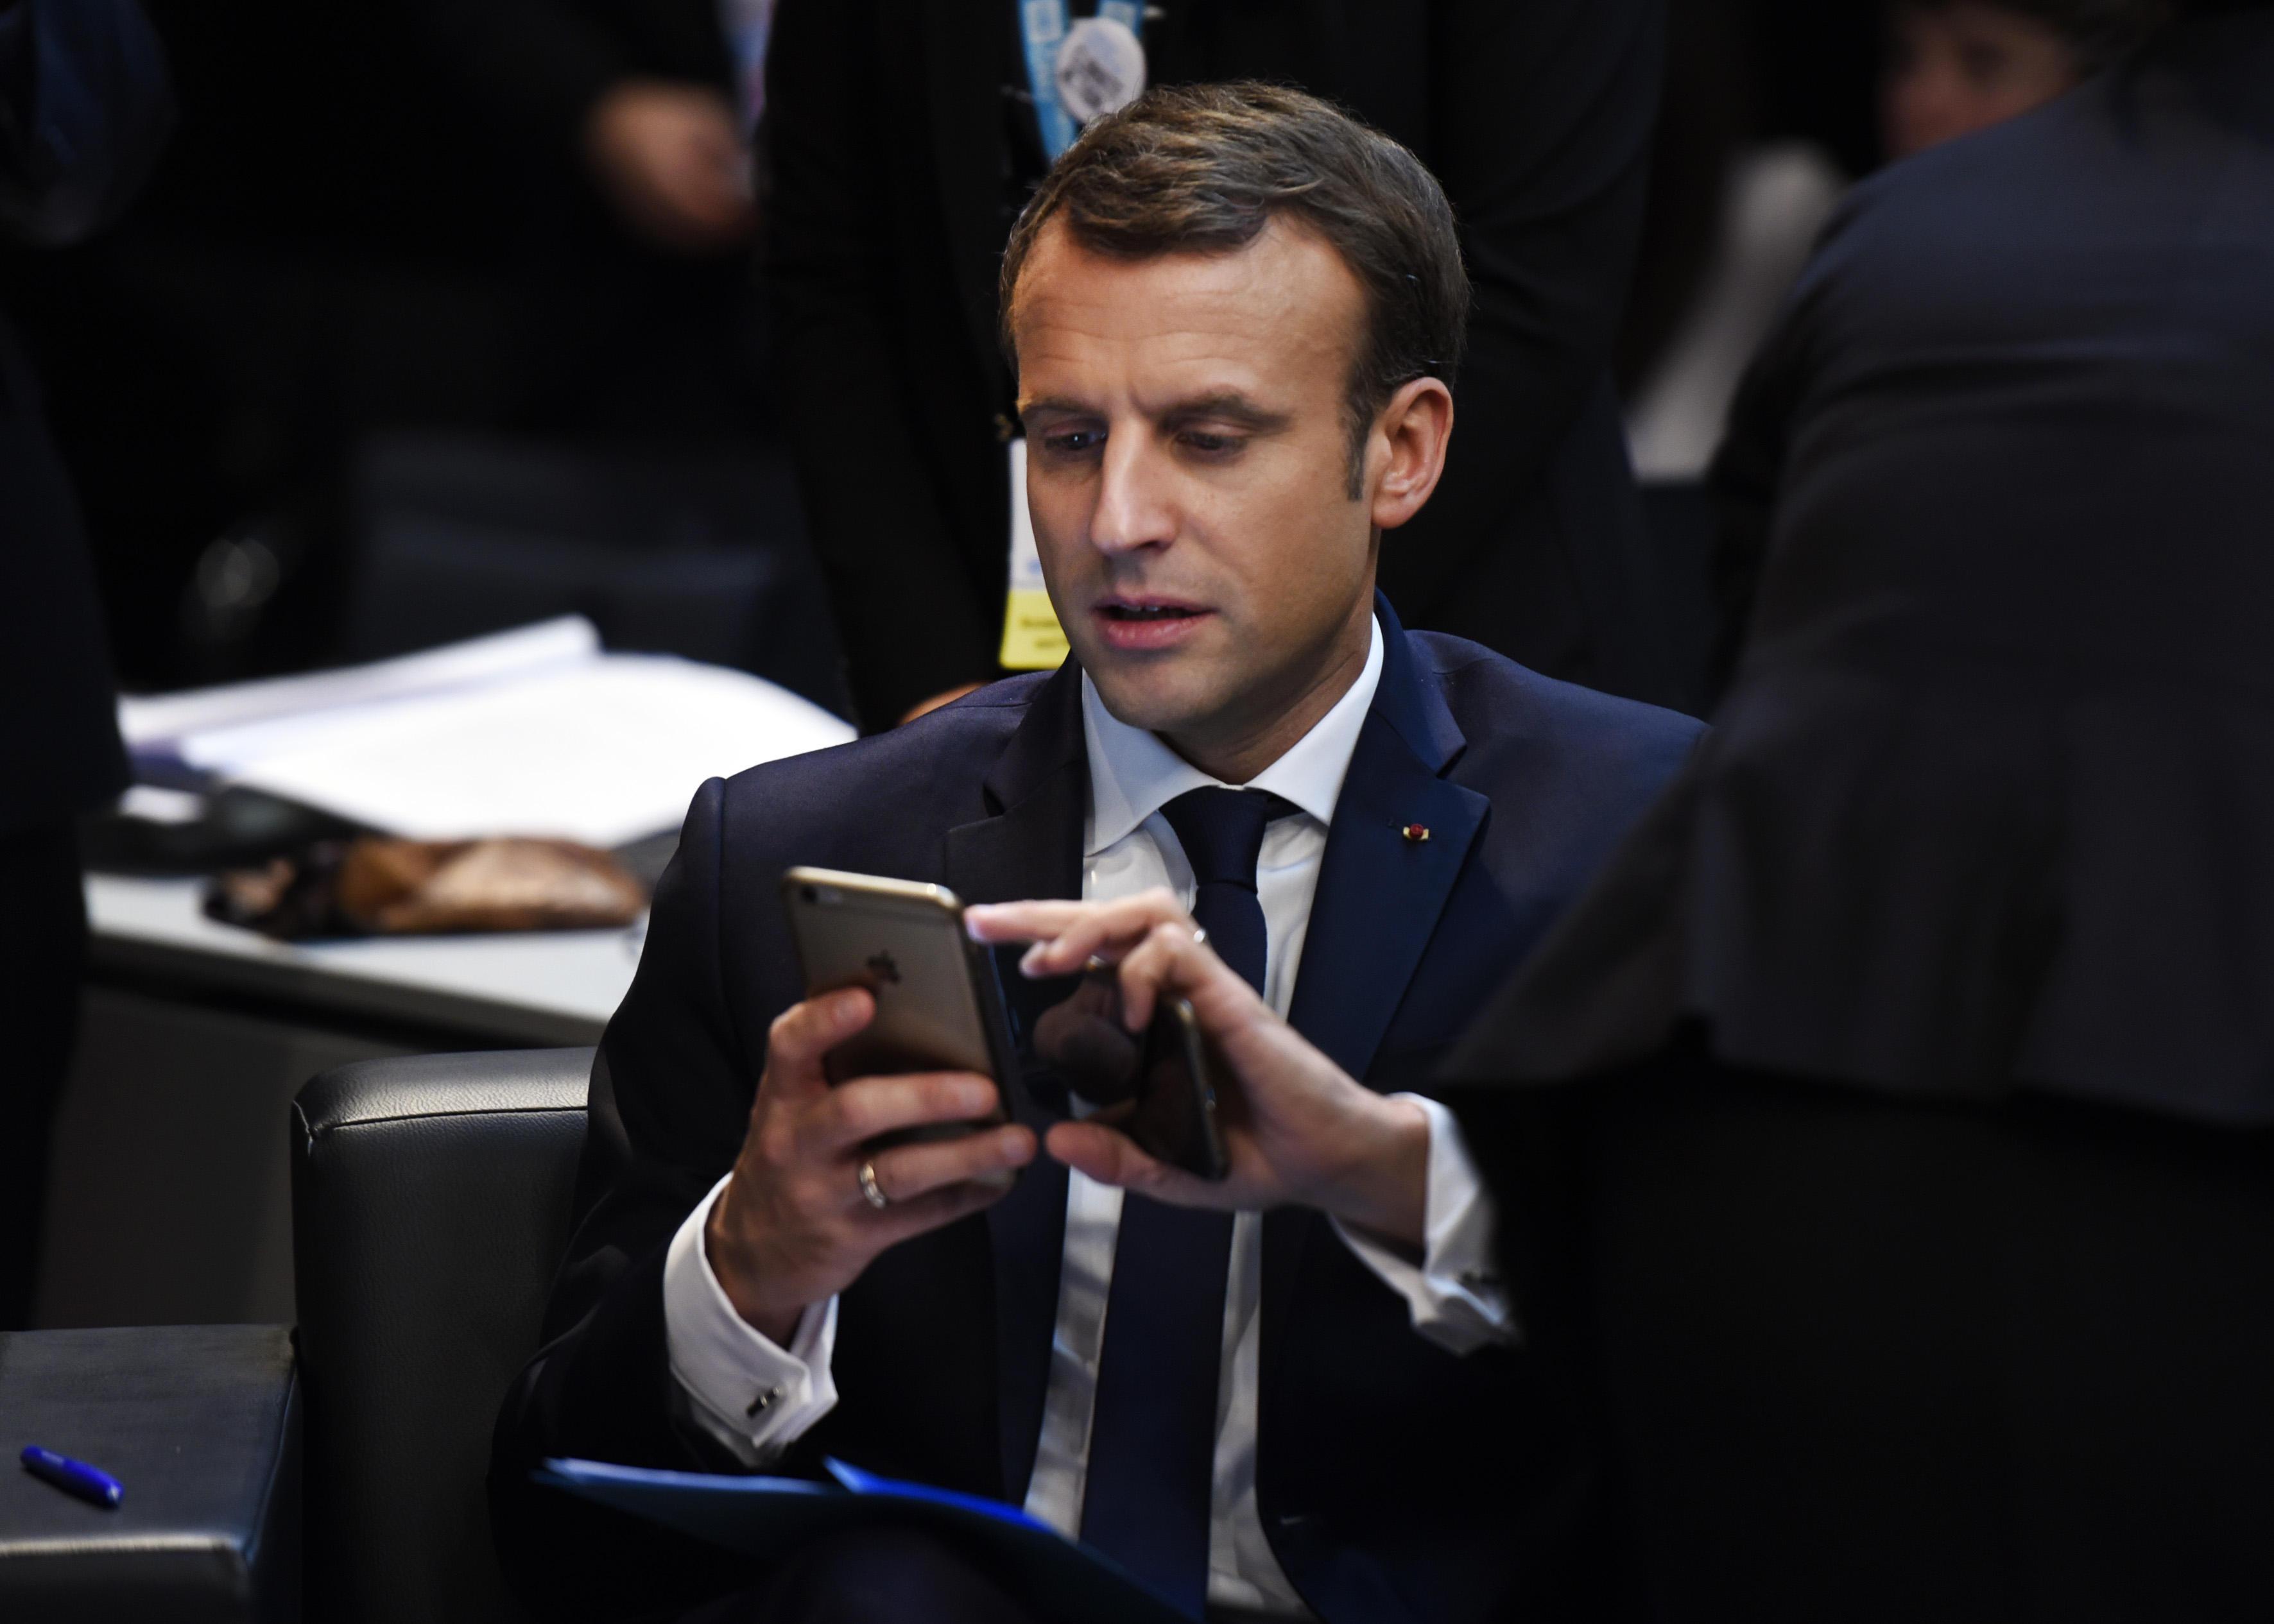 Emmanuel Macron vrea introducerea unei legi care să contracareze răspândirea ştirilor false pe reţelele de socializare